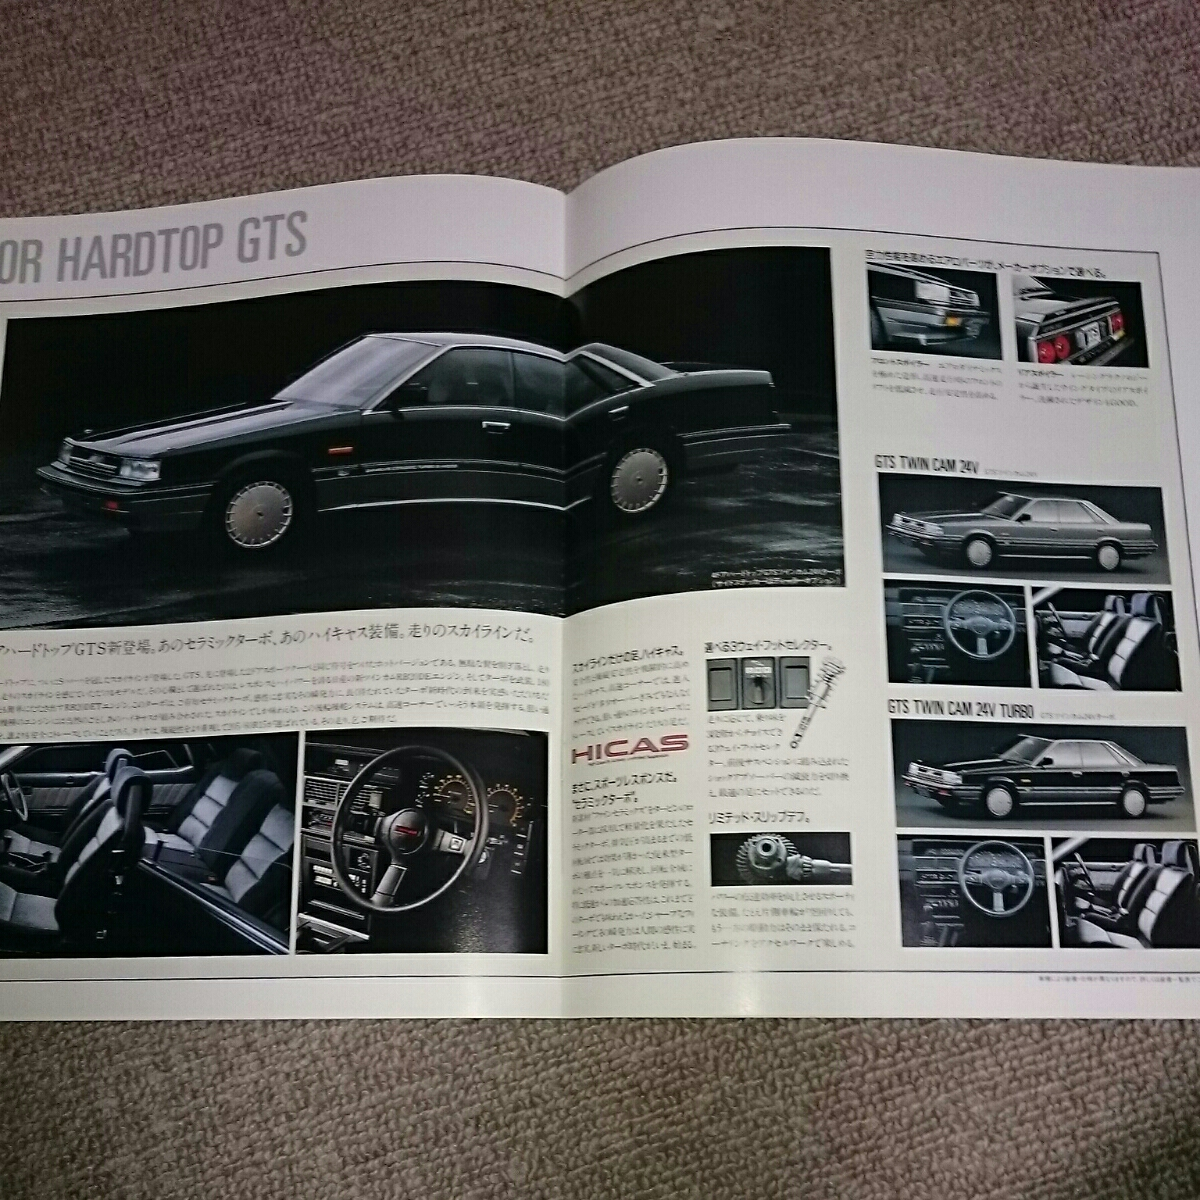 希少、R31、日産スカイライン、35ページ、本カタログ、ハイキャス、RB20DET、GTツインカム24Vセラミックターボ他。_画像5